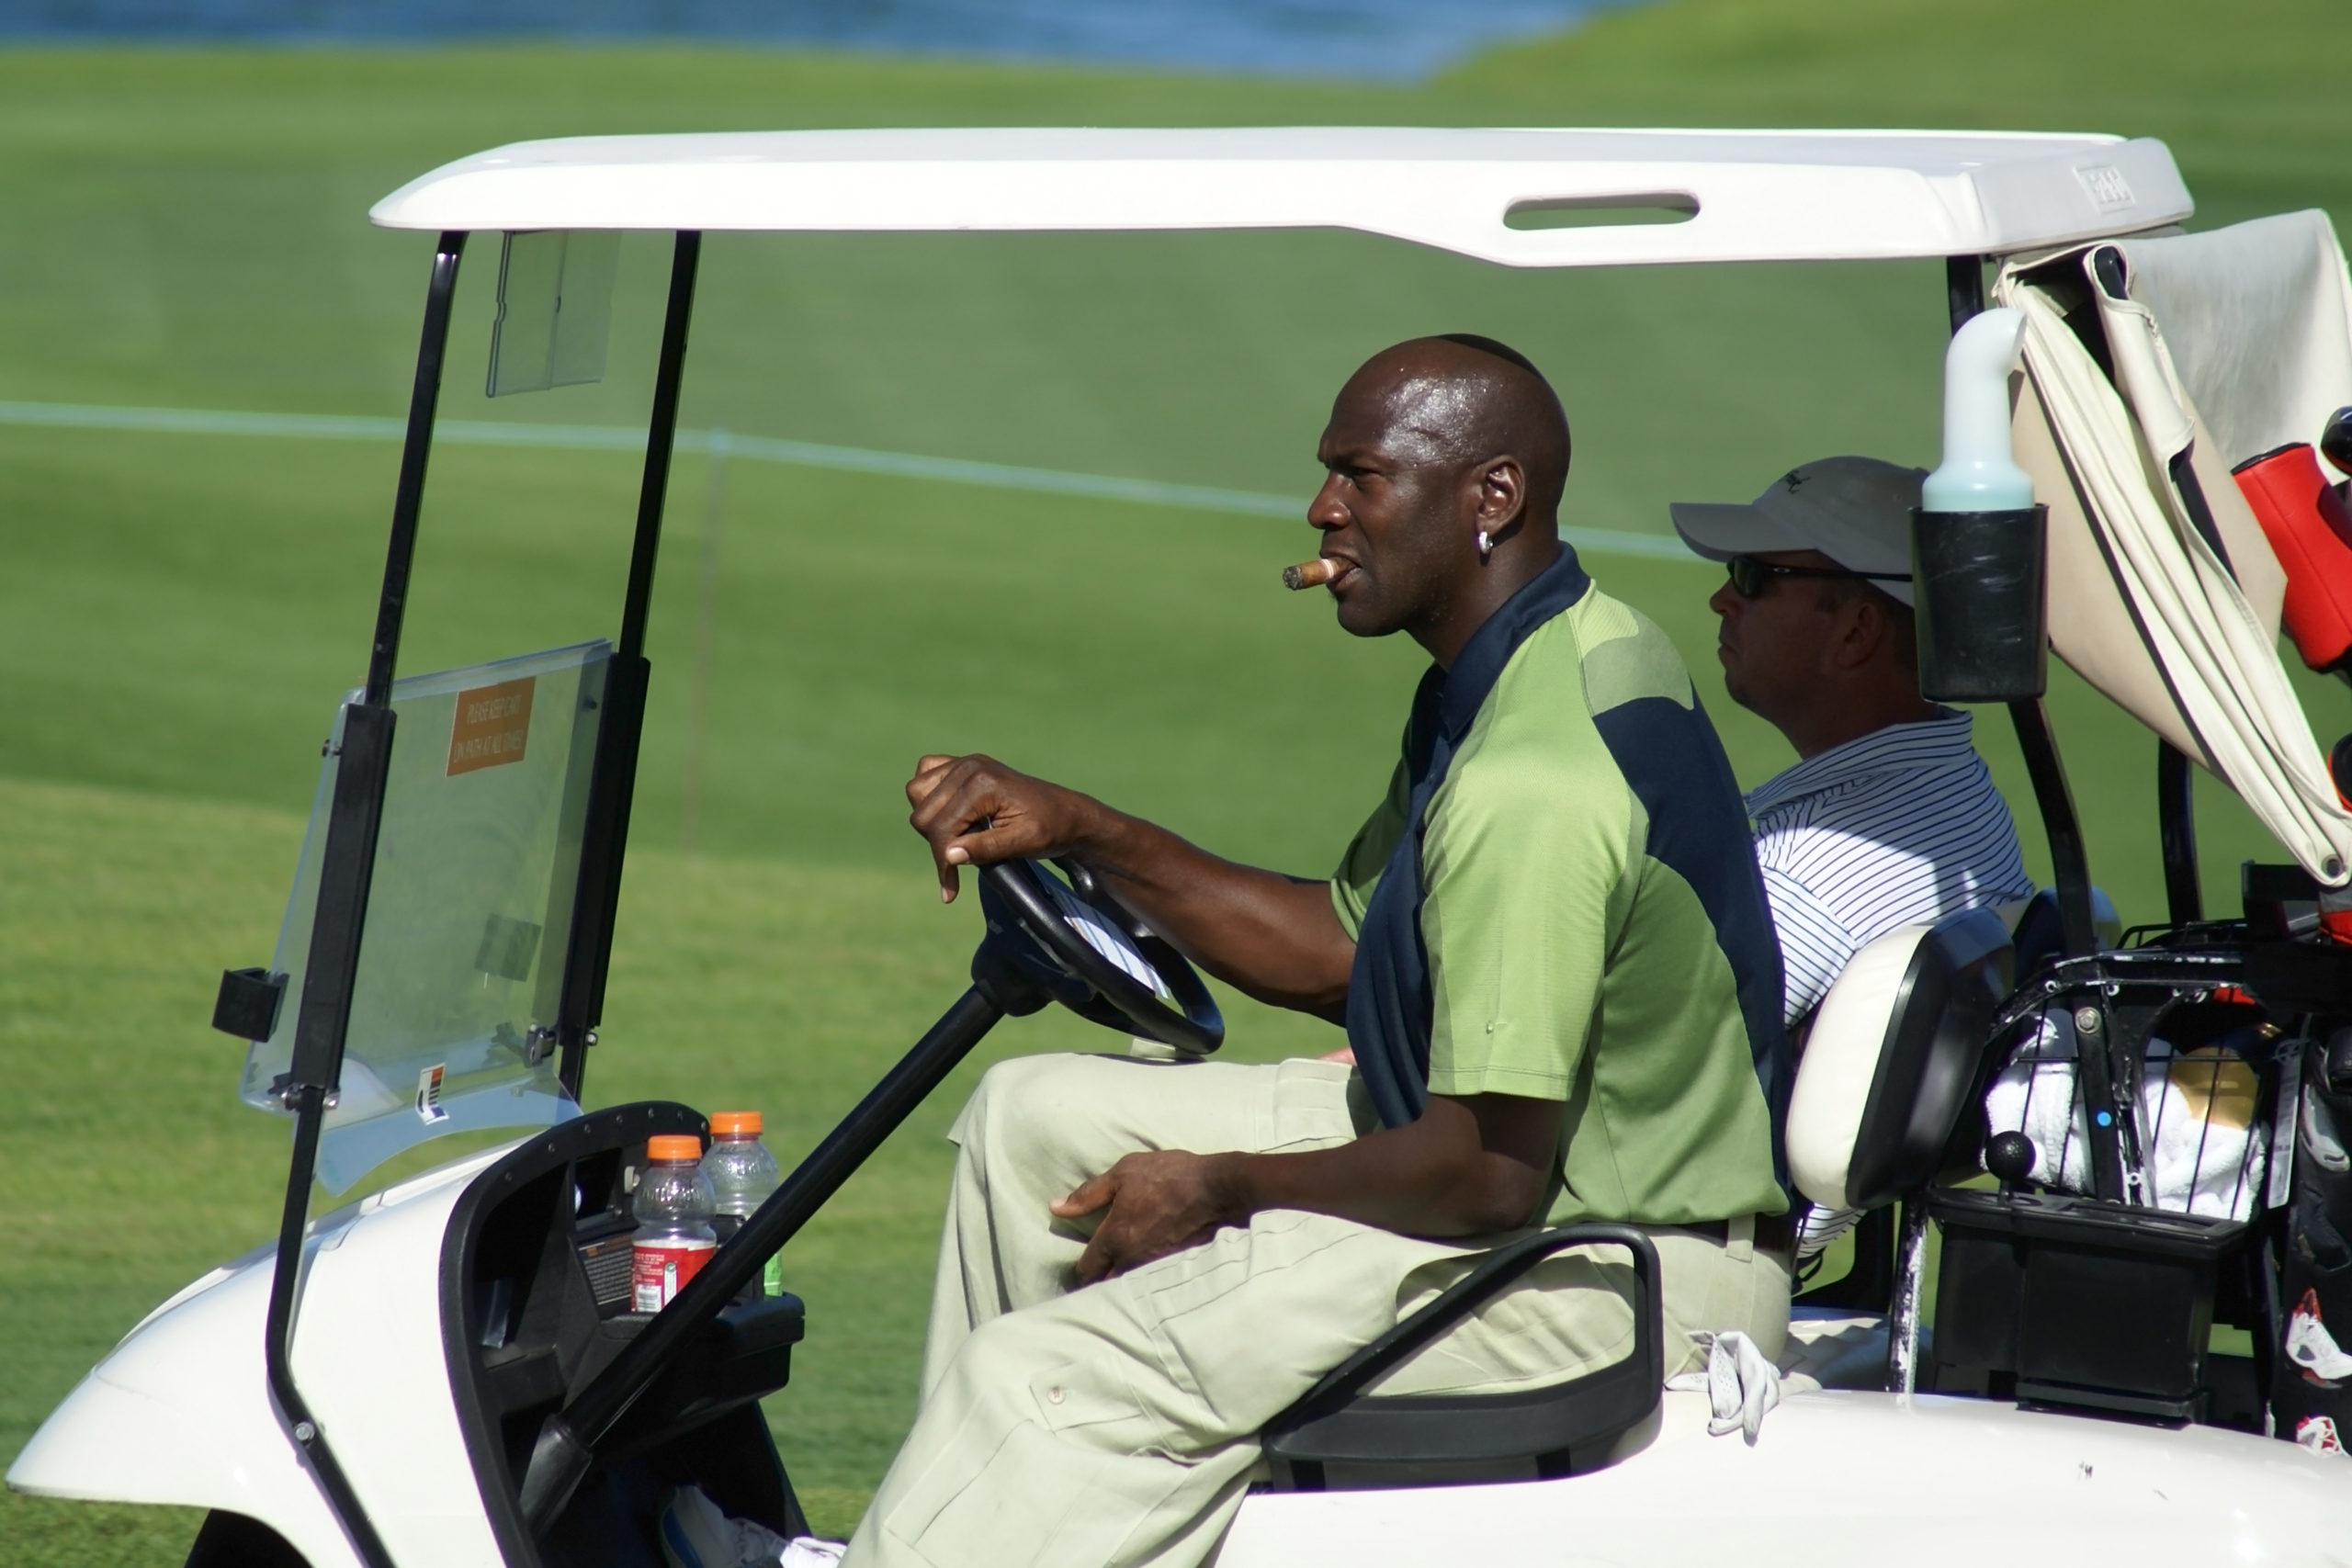 Майкл Джордан в свободное время увлекается гольфом.